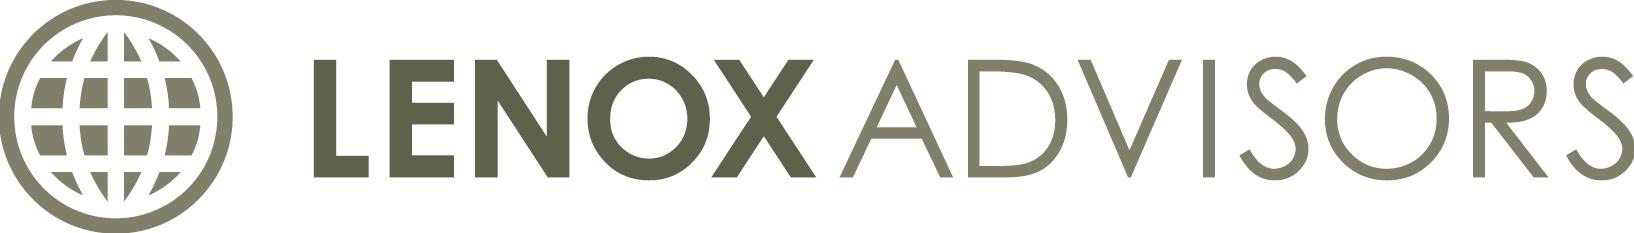 Lenox Advisors